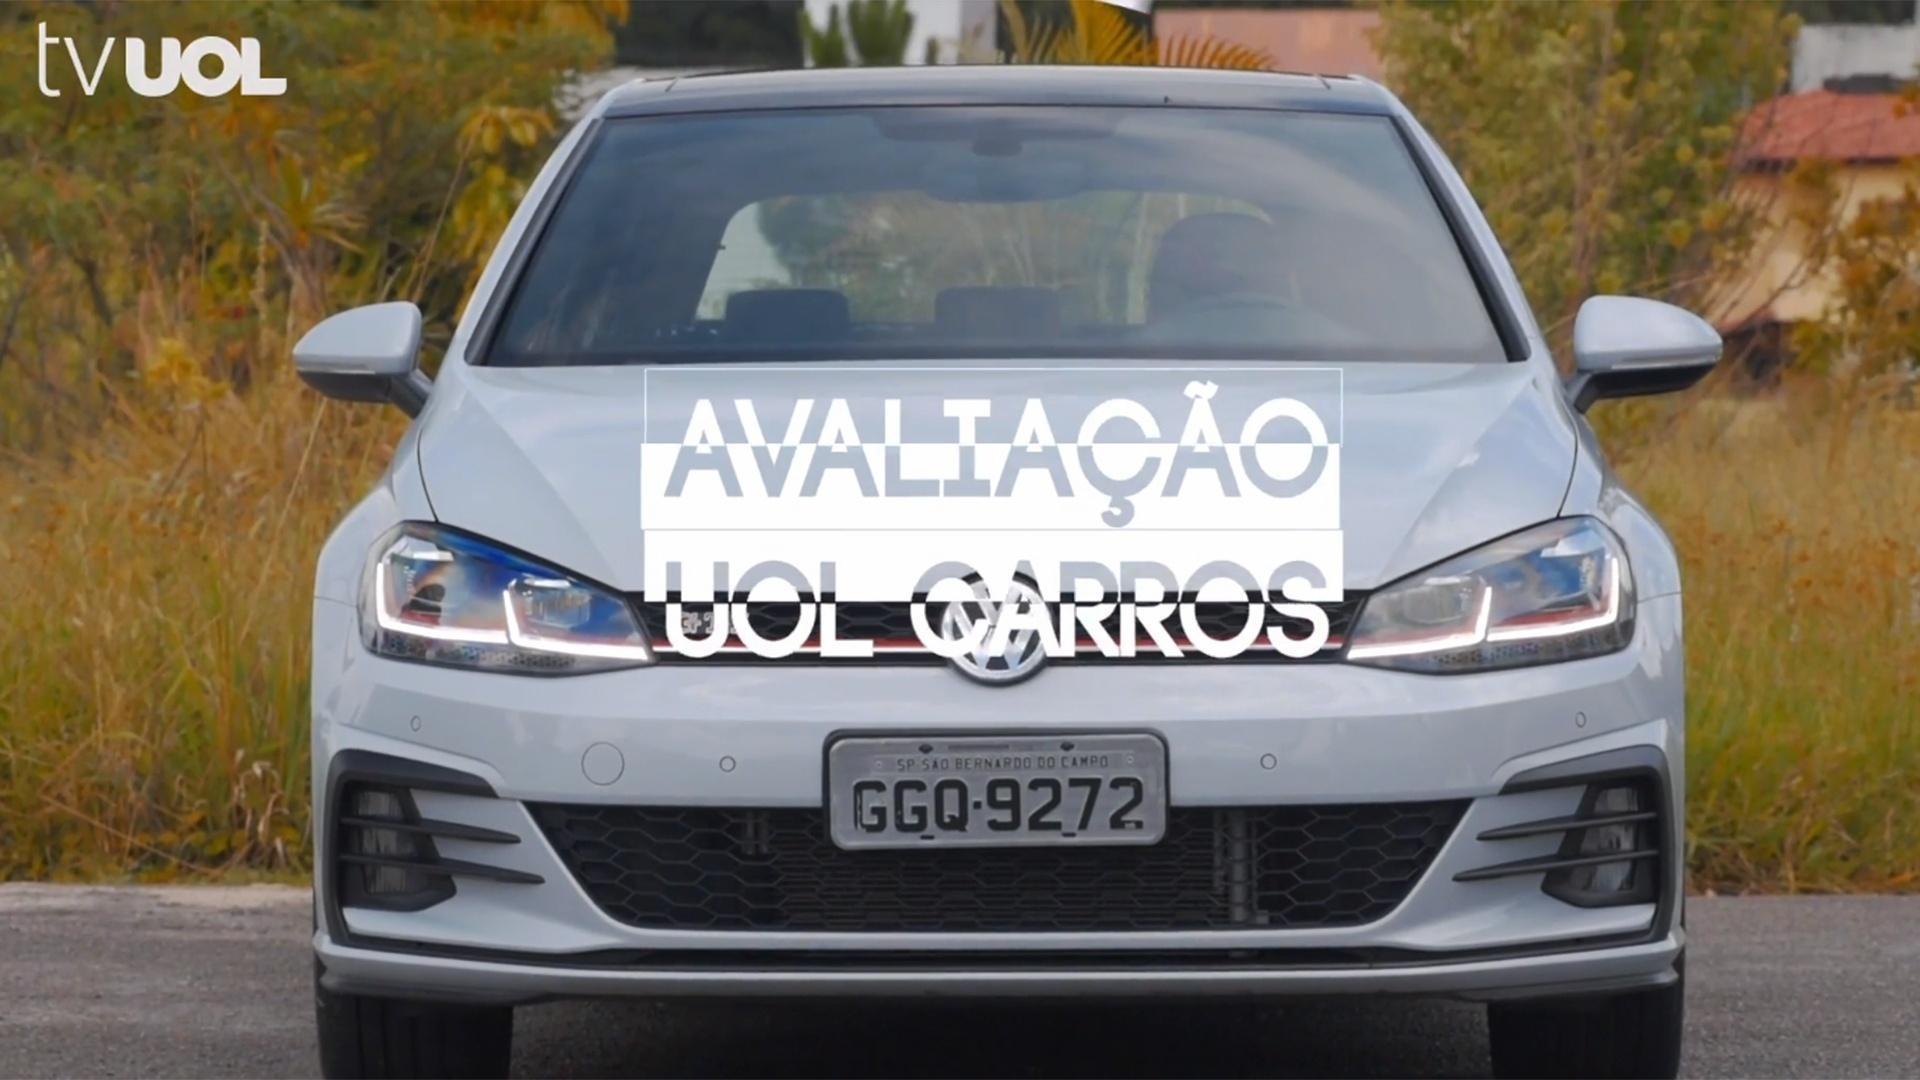 Avaliação  Volkswagen Golf ainda é ícone em 2019  Assista 0067a0e8cbe